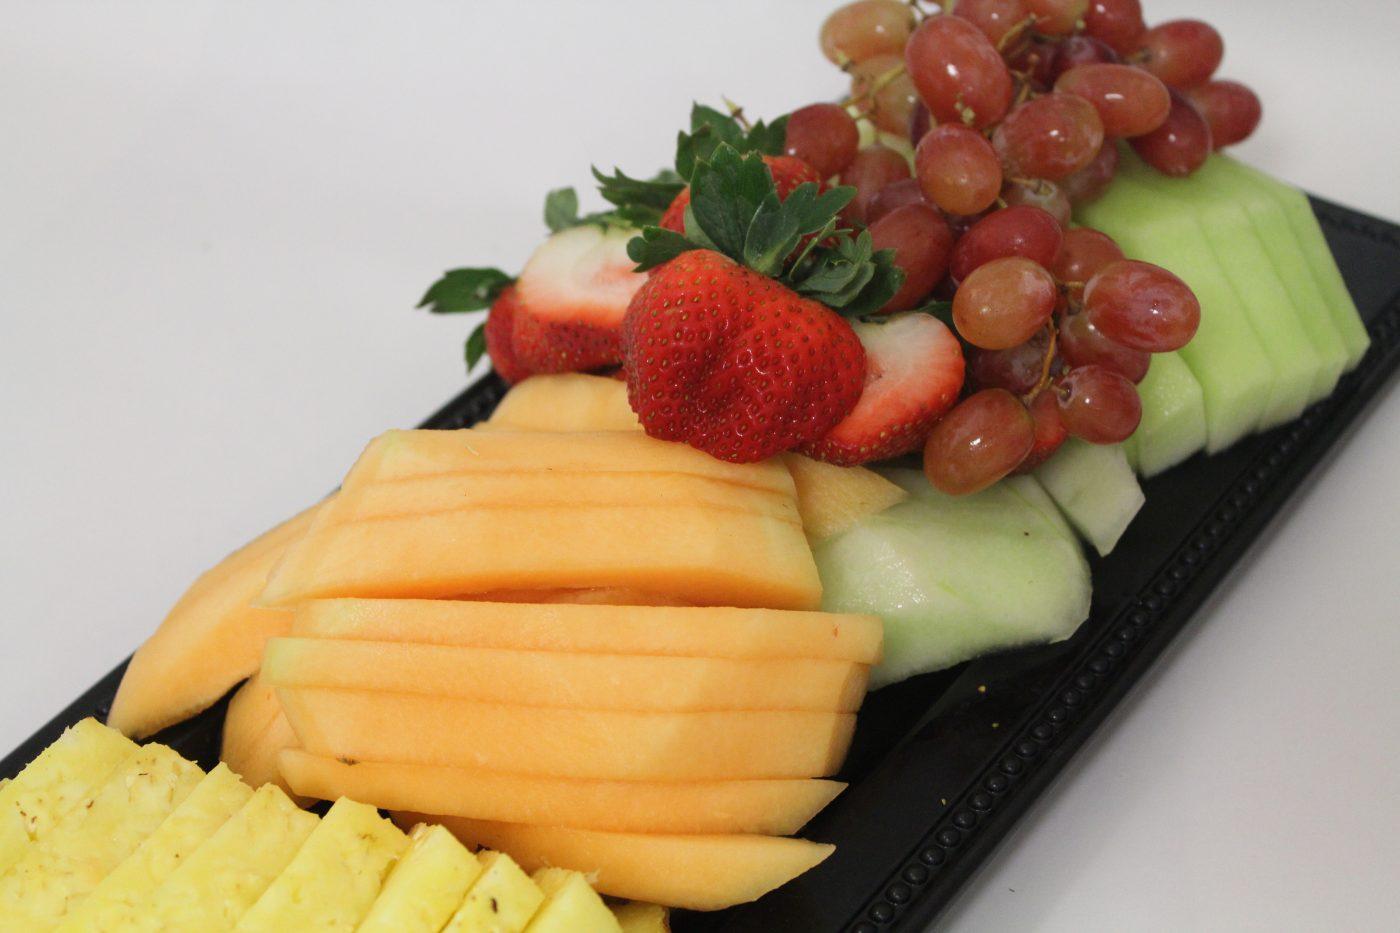 Sliced-Fruit-Tray-e1526522876963